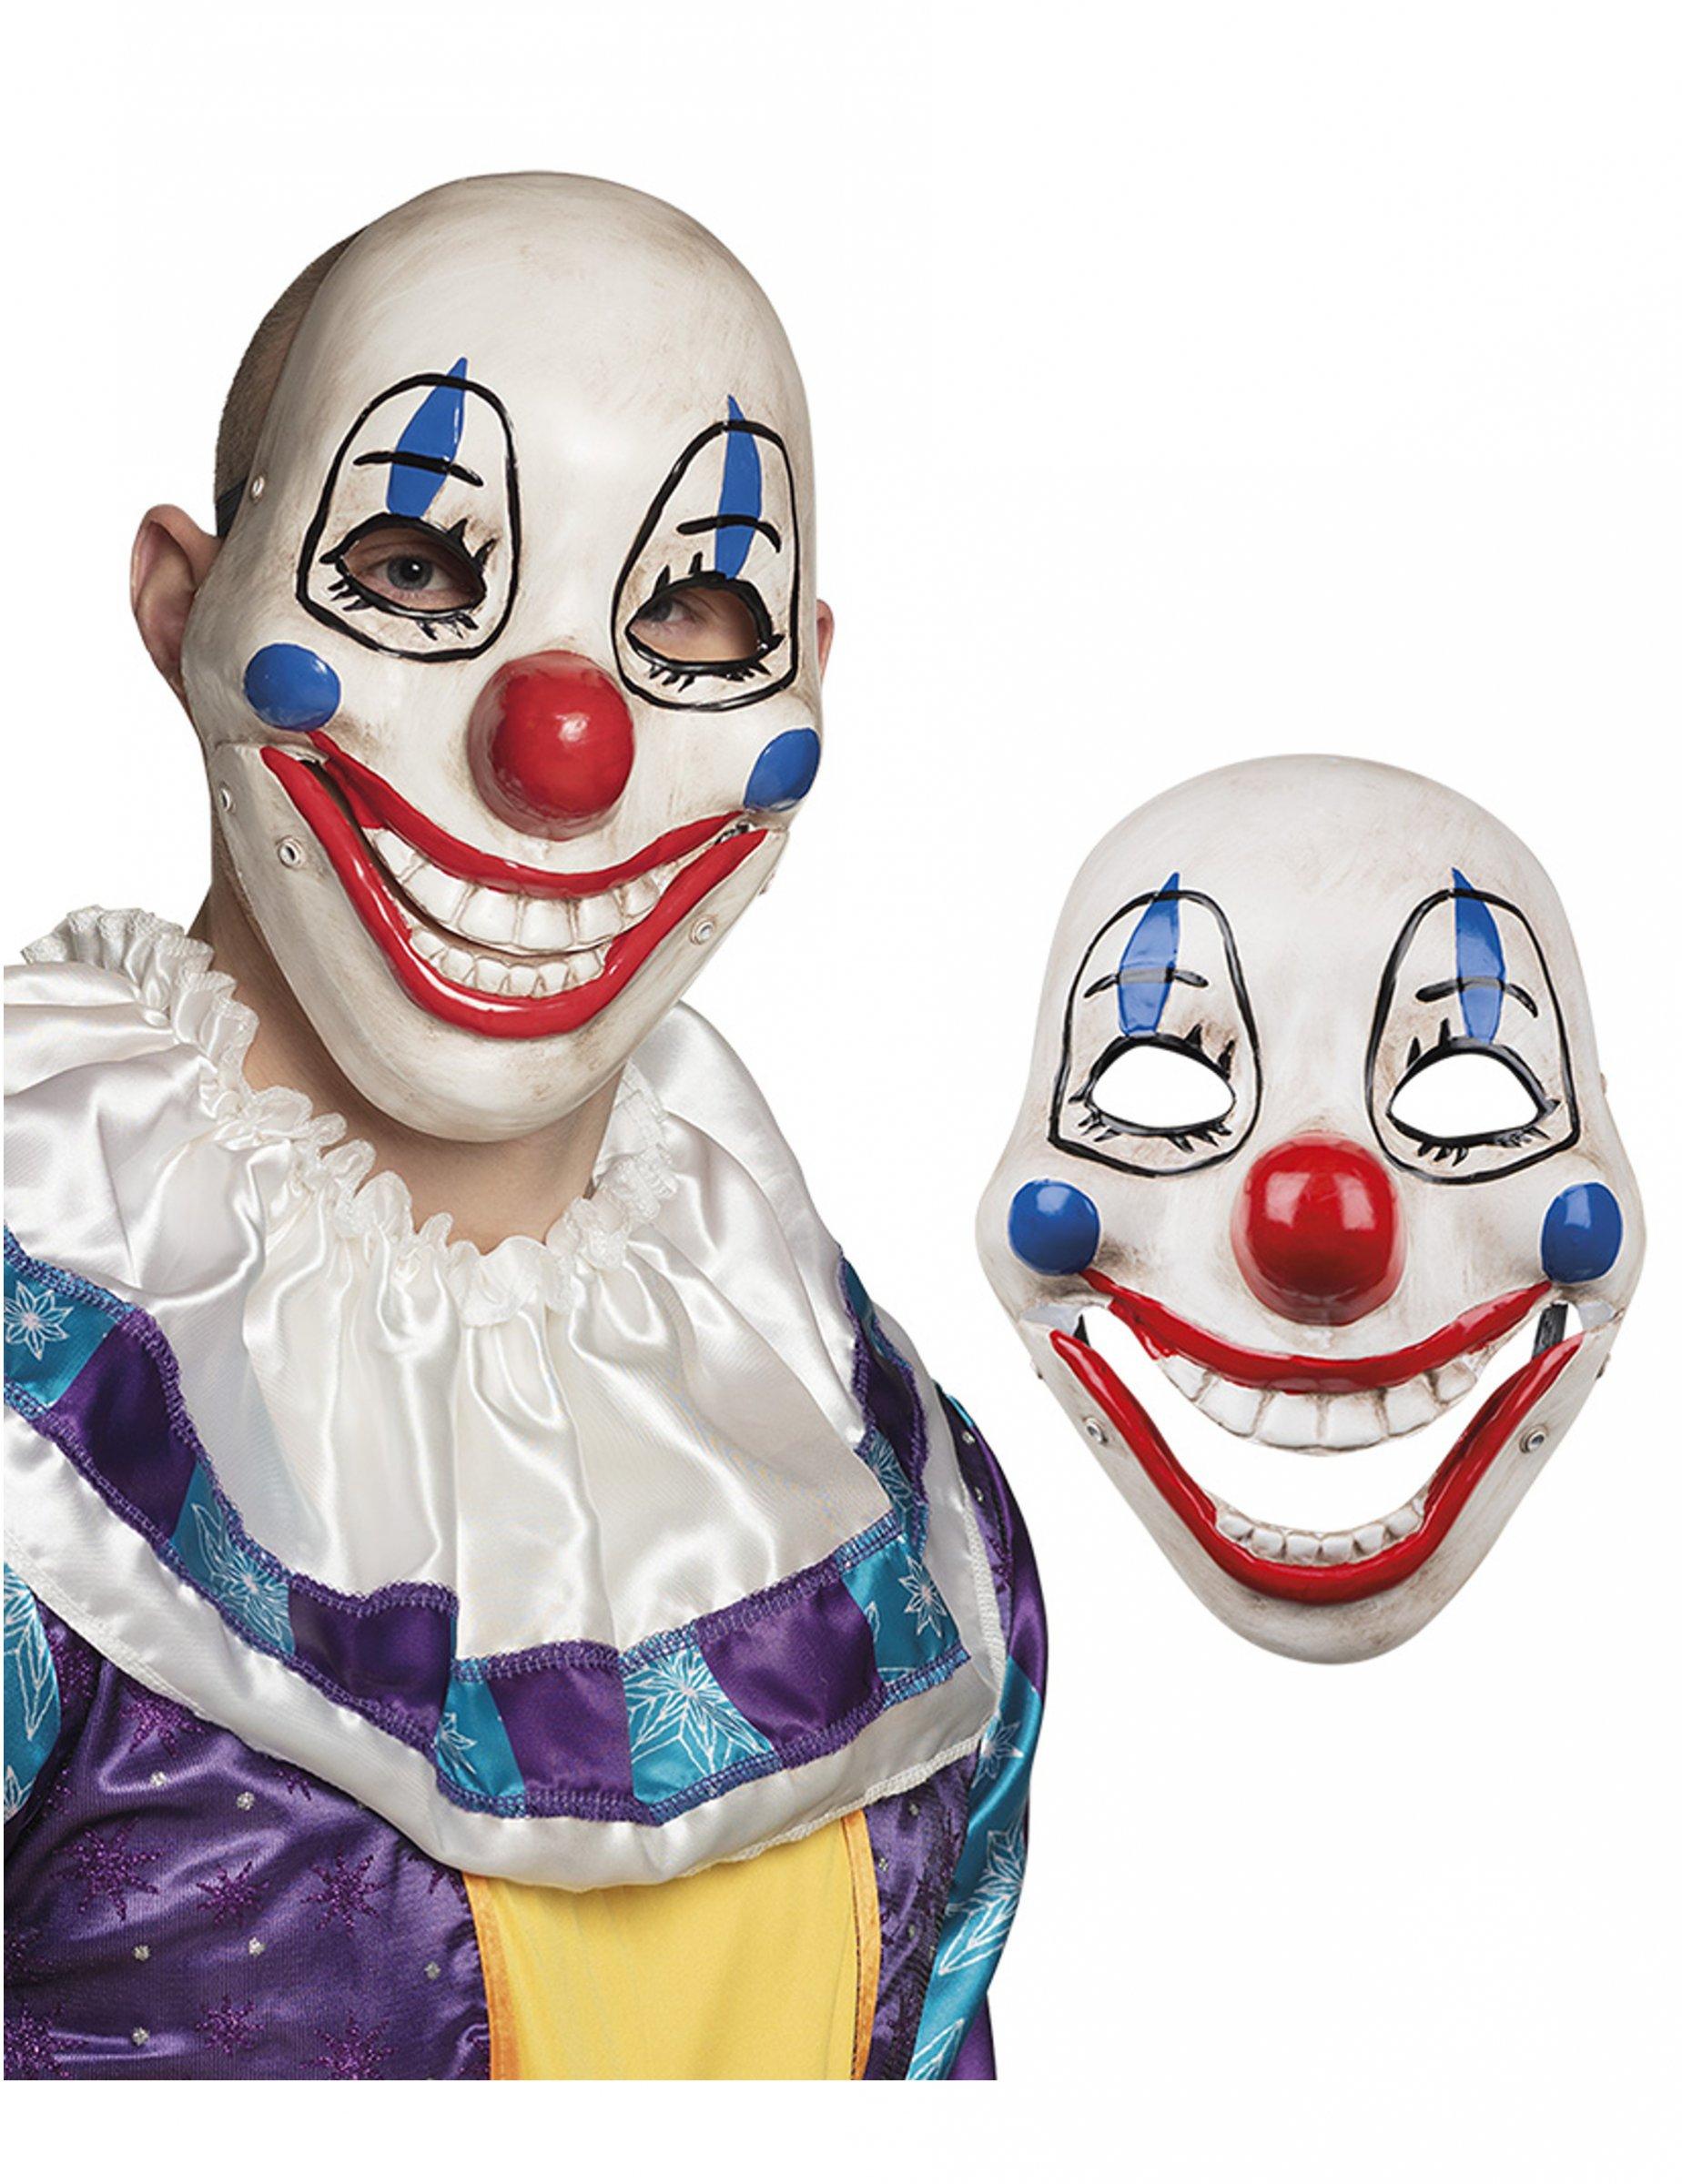 verr ckte clownsmaske kost mzubeh r f r erwachsene bunt masken und g nstige faschingskost me. Black Bedroom Furniture Sets. Home Design Ideas